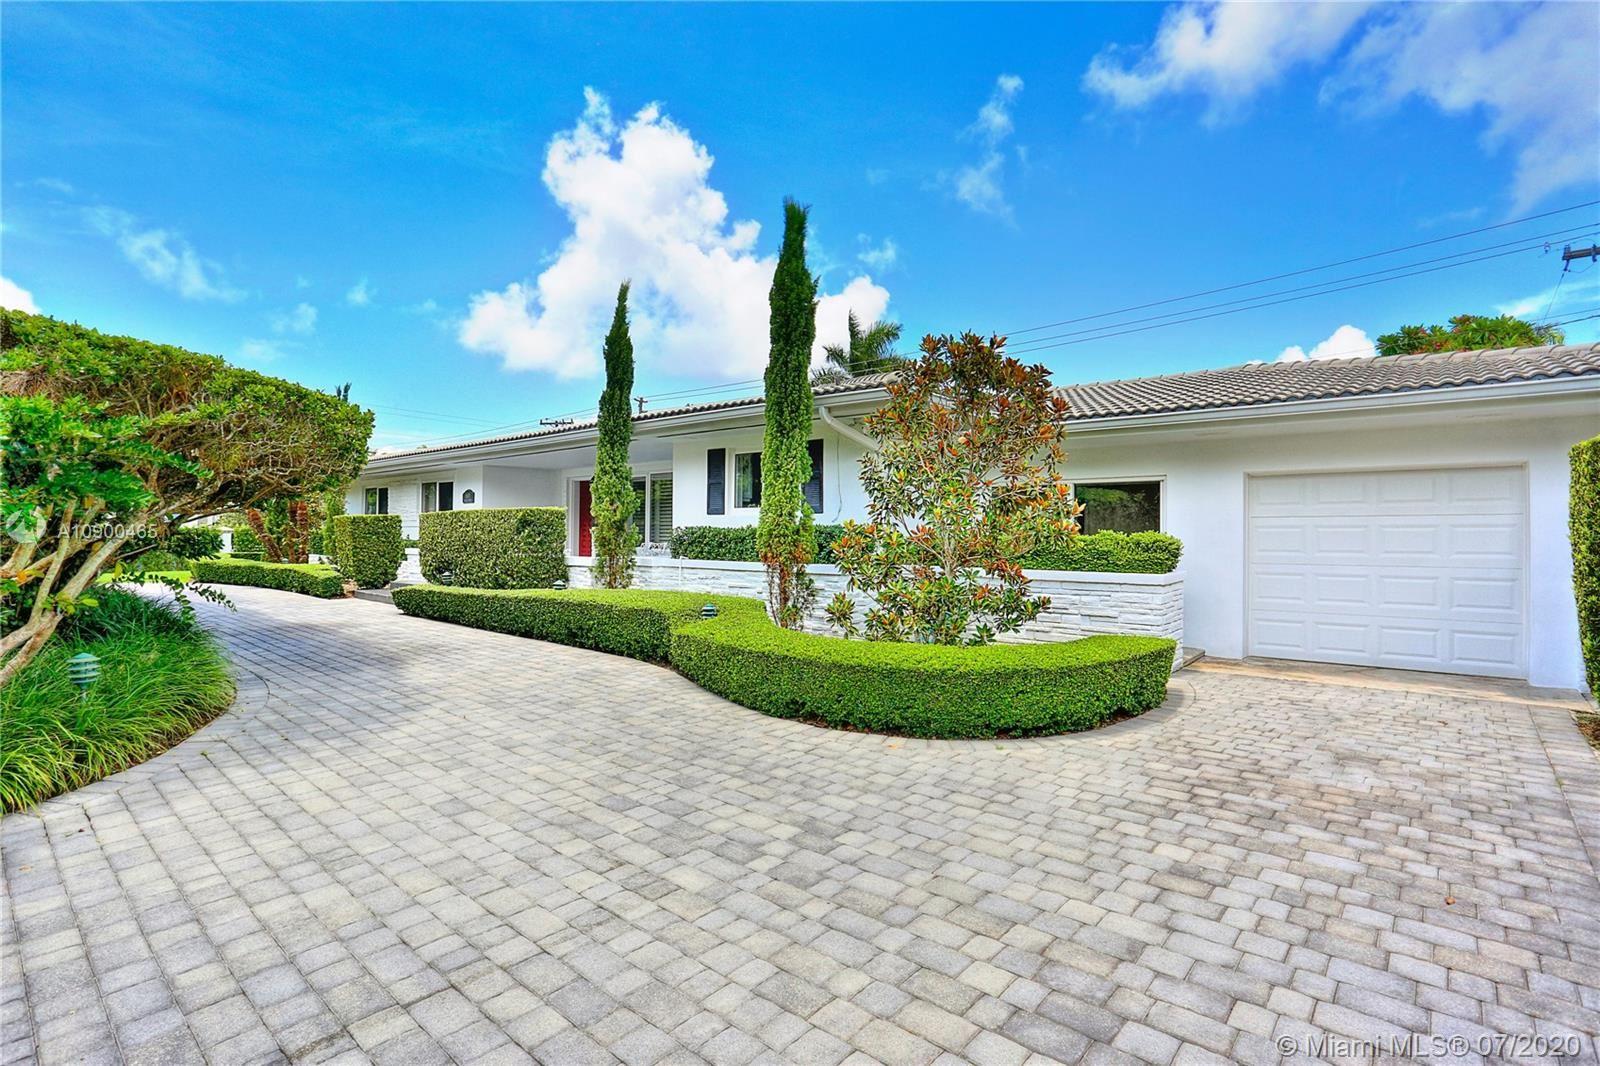 6608 Maynada St, Coral Gables, FL 33146 - #: A10900465